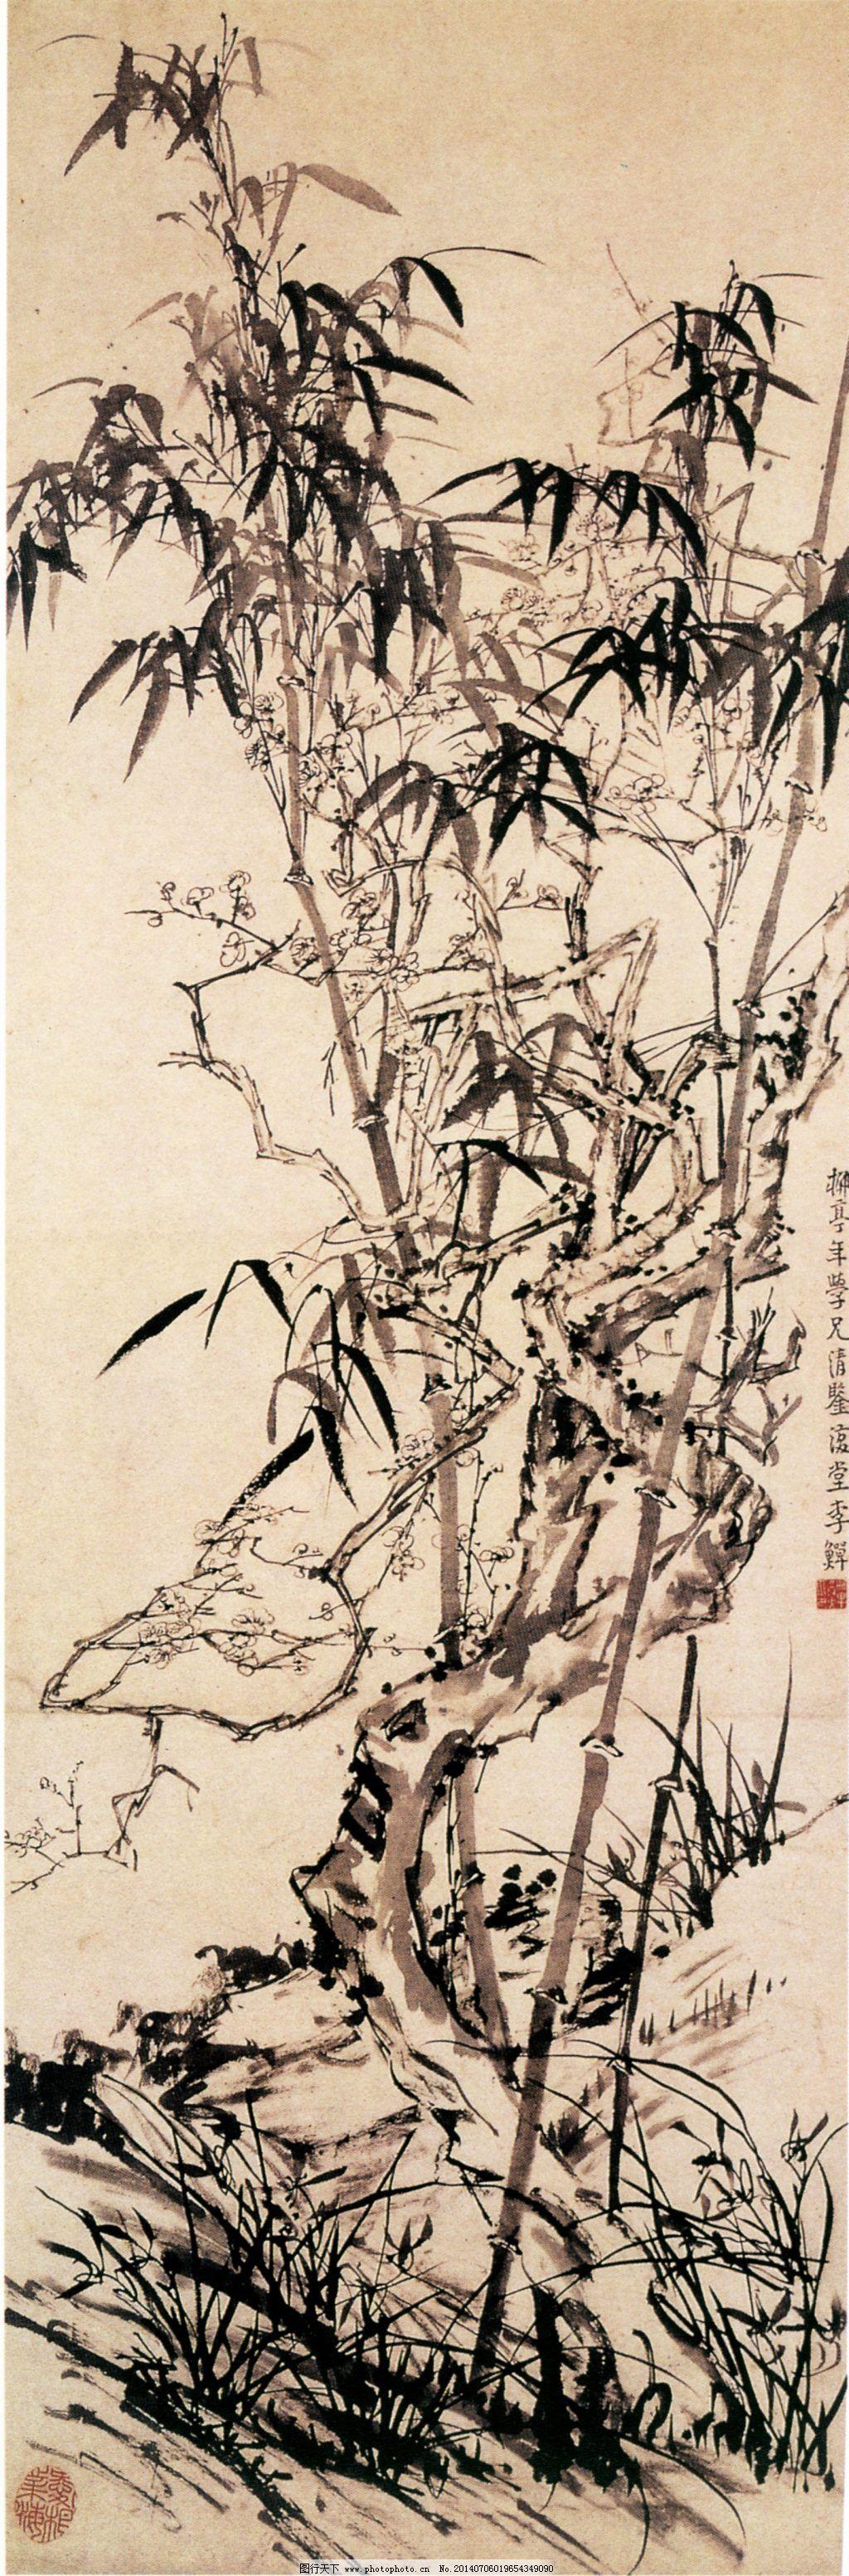 枯木逢春 枯木逢春免费下载 古典 古画 国画 绘画 水墨 中国画